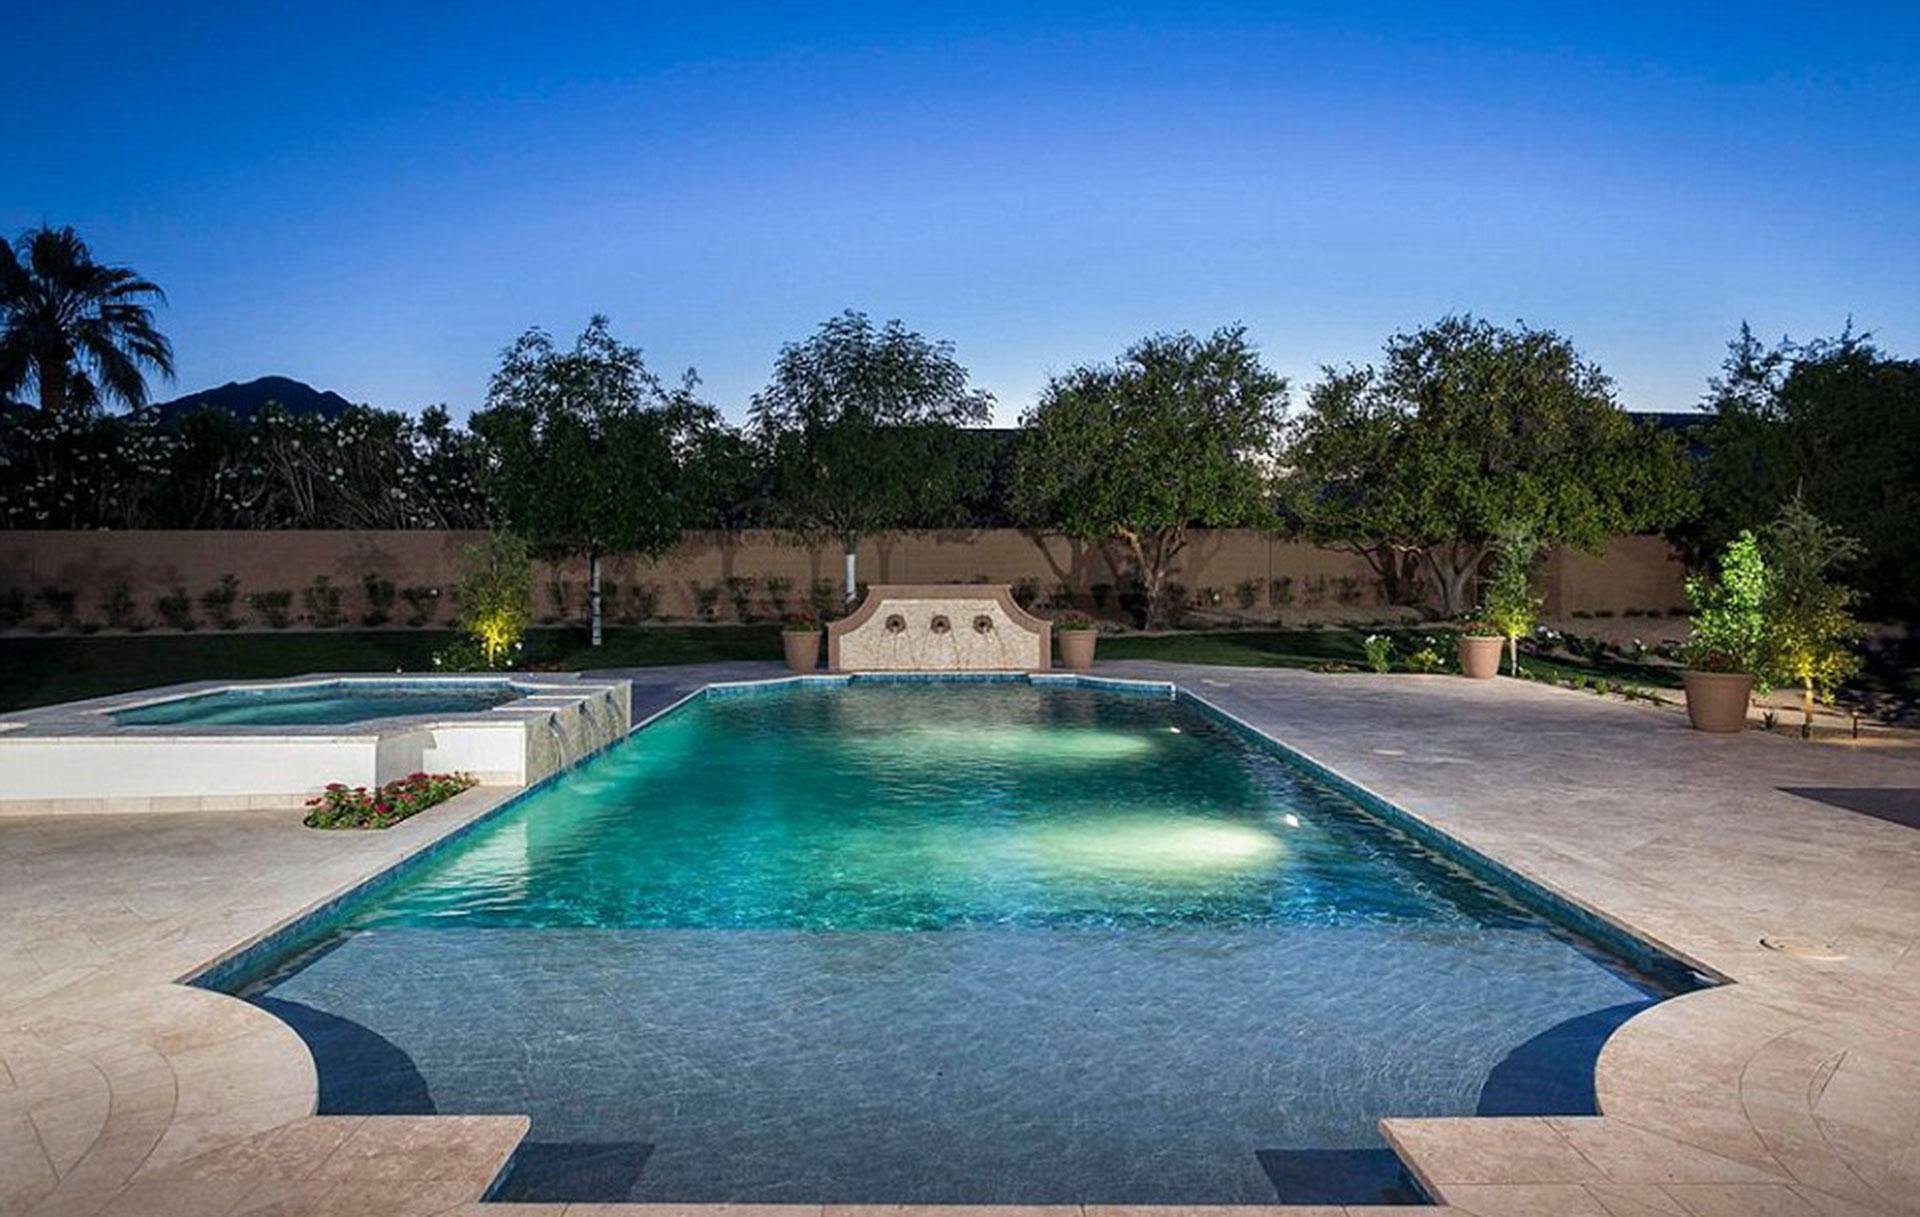 La piscina que corona la mansión de Michael Phelps